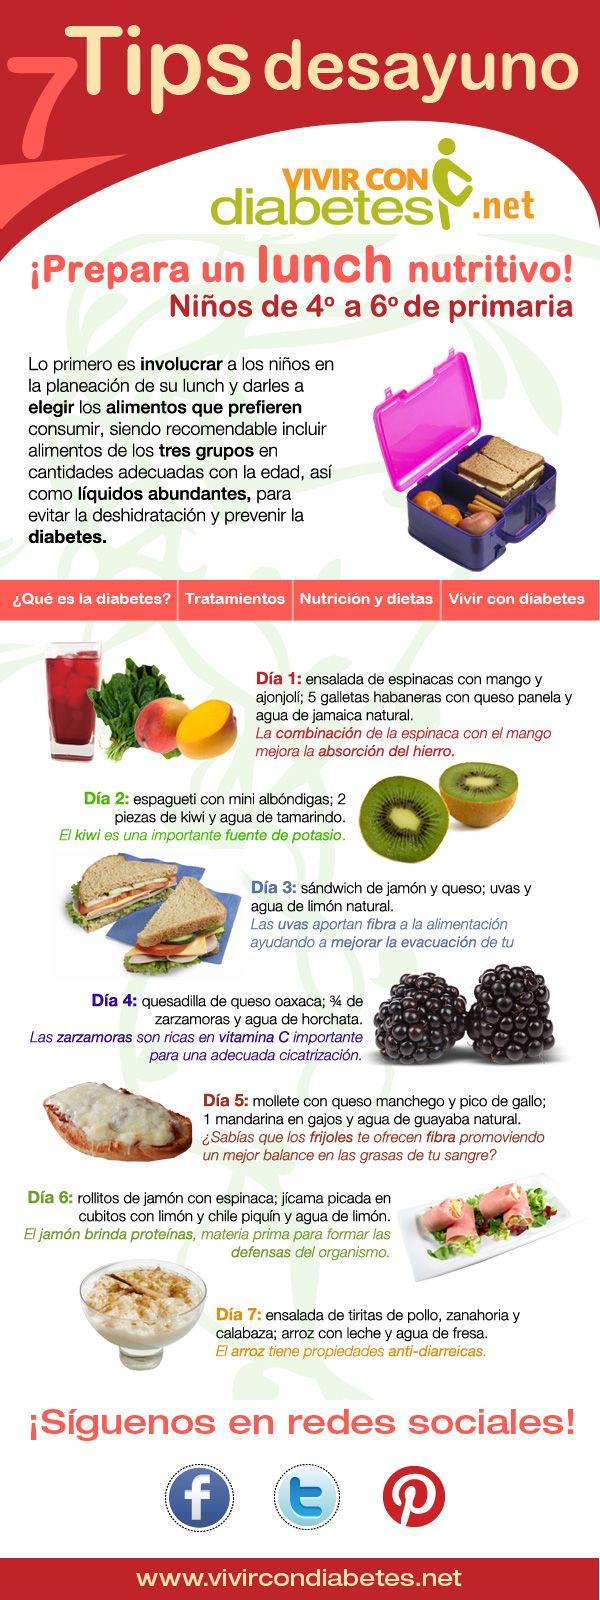 47 Ideas De Salud Y Hábitos Saludables Habitos Saludables Habitos De Higiene Higiene Niños